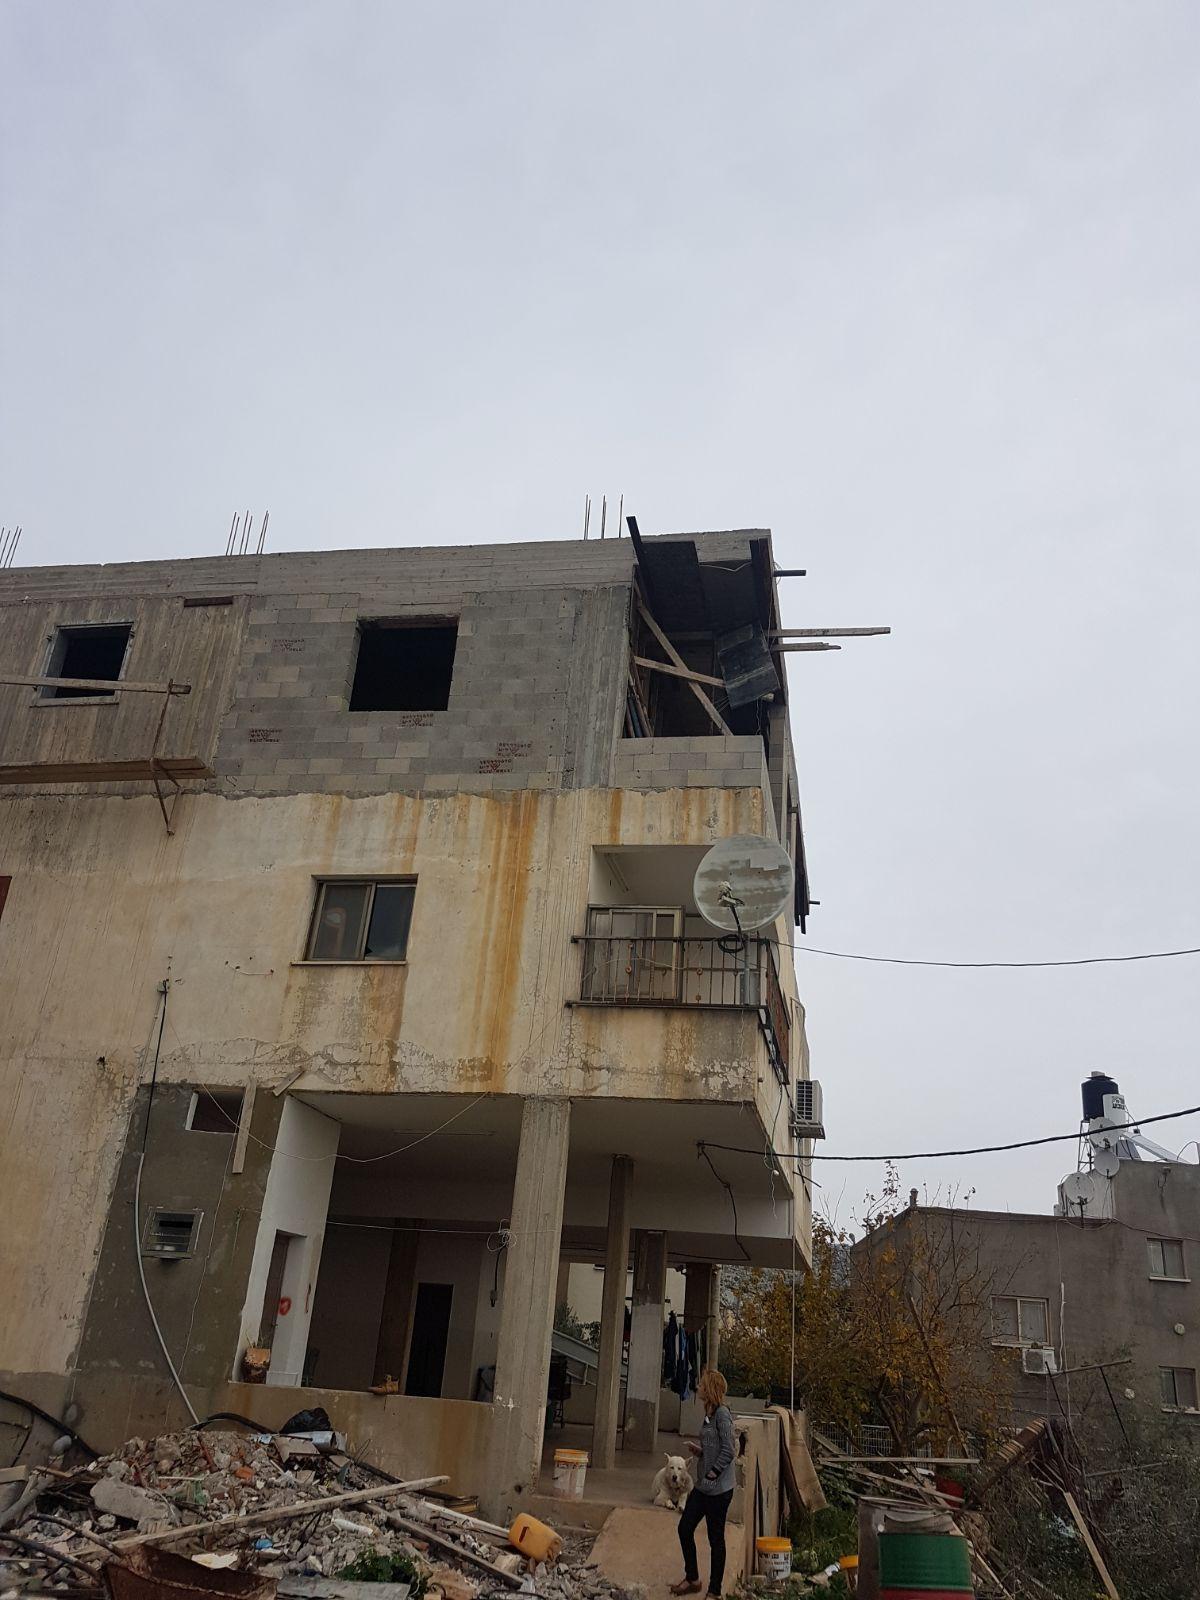 دير الأسد: إصابة خطيرة لفتى سقط عن ارتفاع 9 أمتار